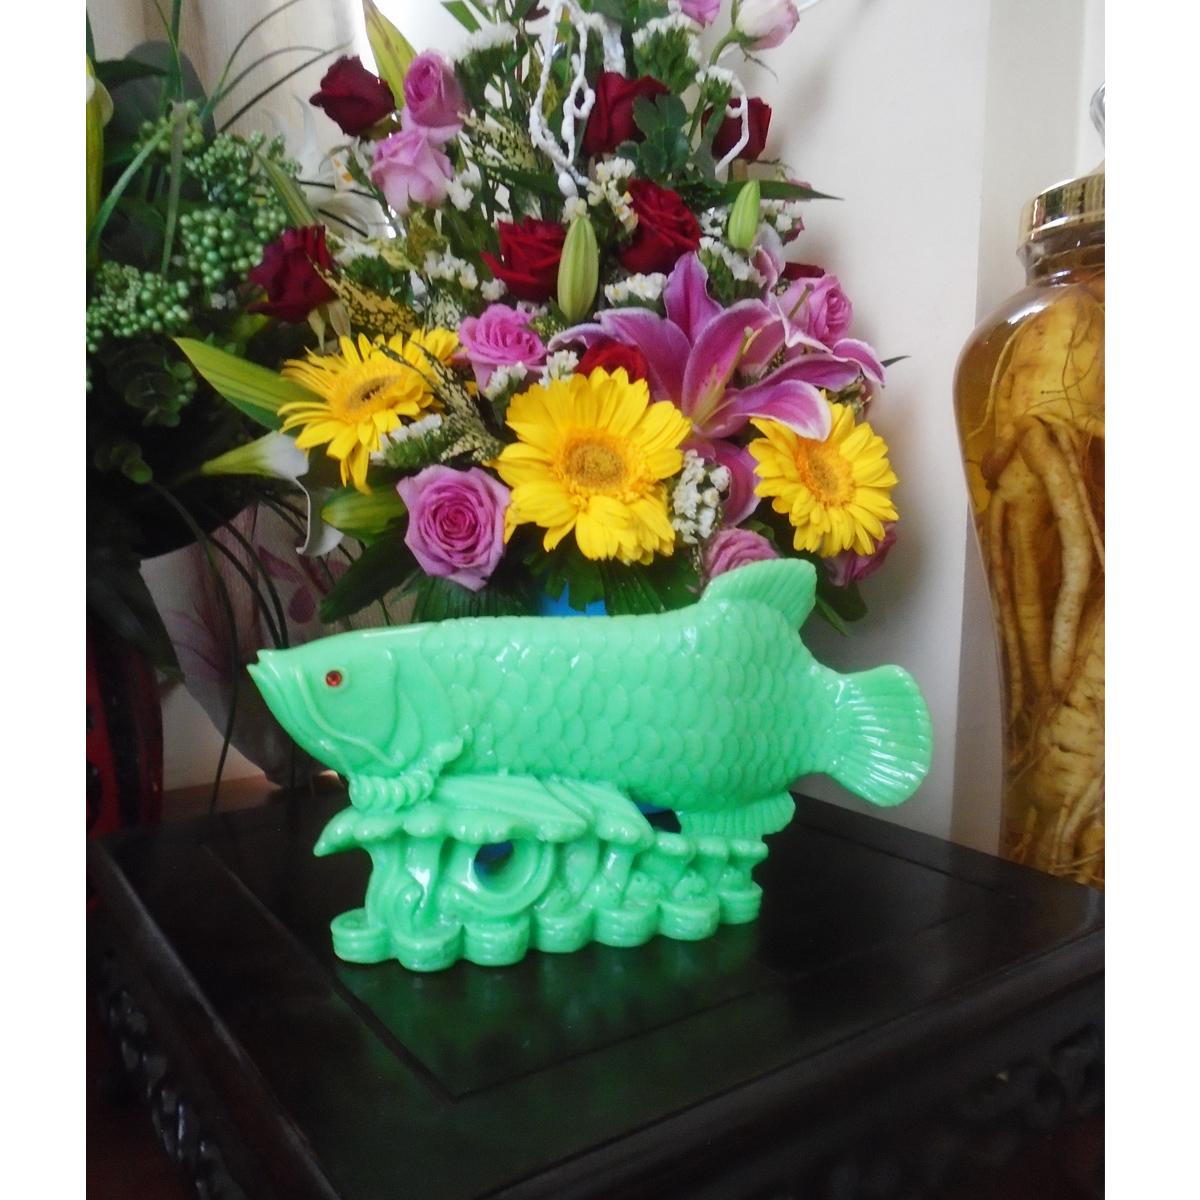 Cá Rồng ngậm tiền - Kim Long Đắc Lộc - bột đá poly màu xanh ngọc - CKLX27